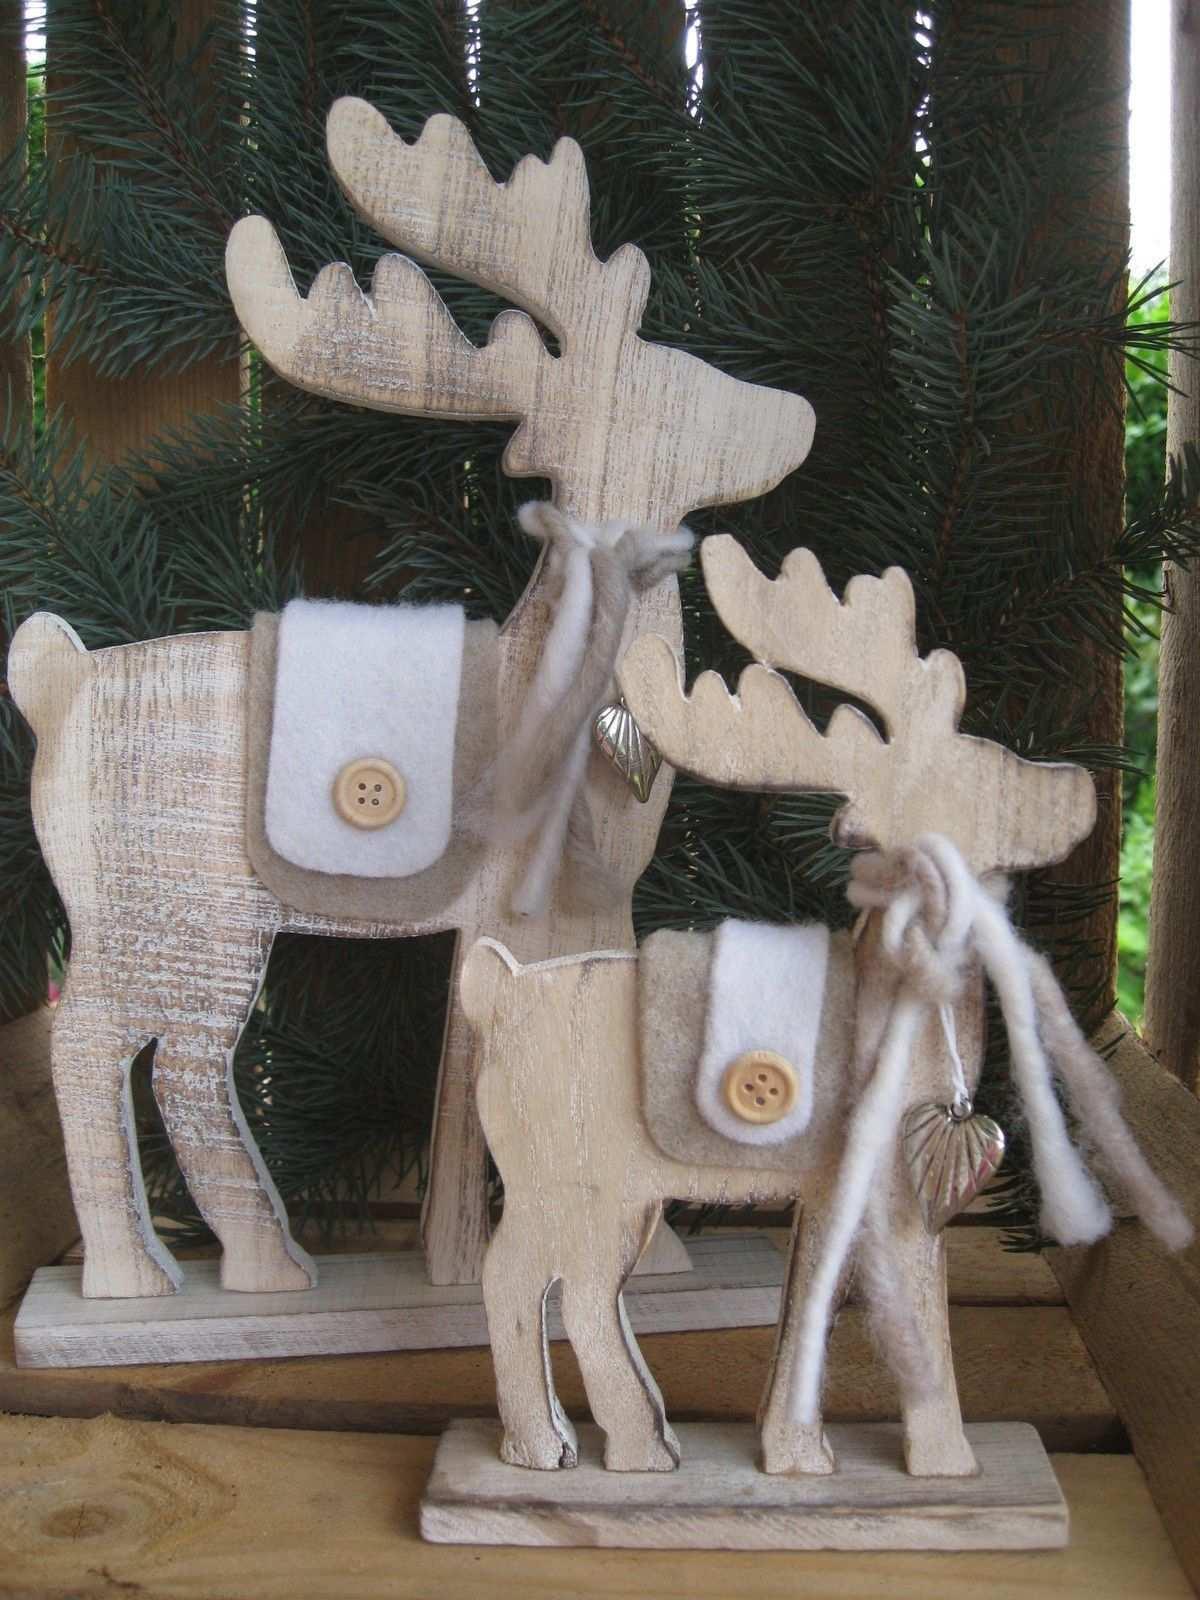 Grosser Elch Aus Holz Mit Filzdeko U Herz Rentier Weihnachten Deko Shabby Hirsch Eur 14 95 Weihnachten Dekoration Rentier Weihnachten Deko Holz Weihnachten